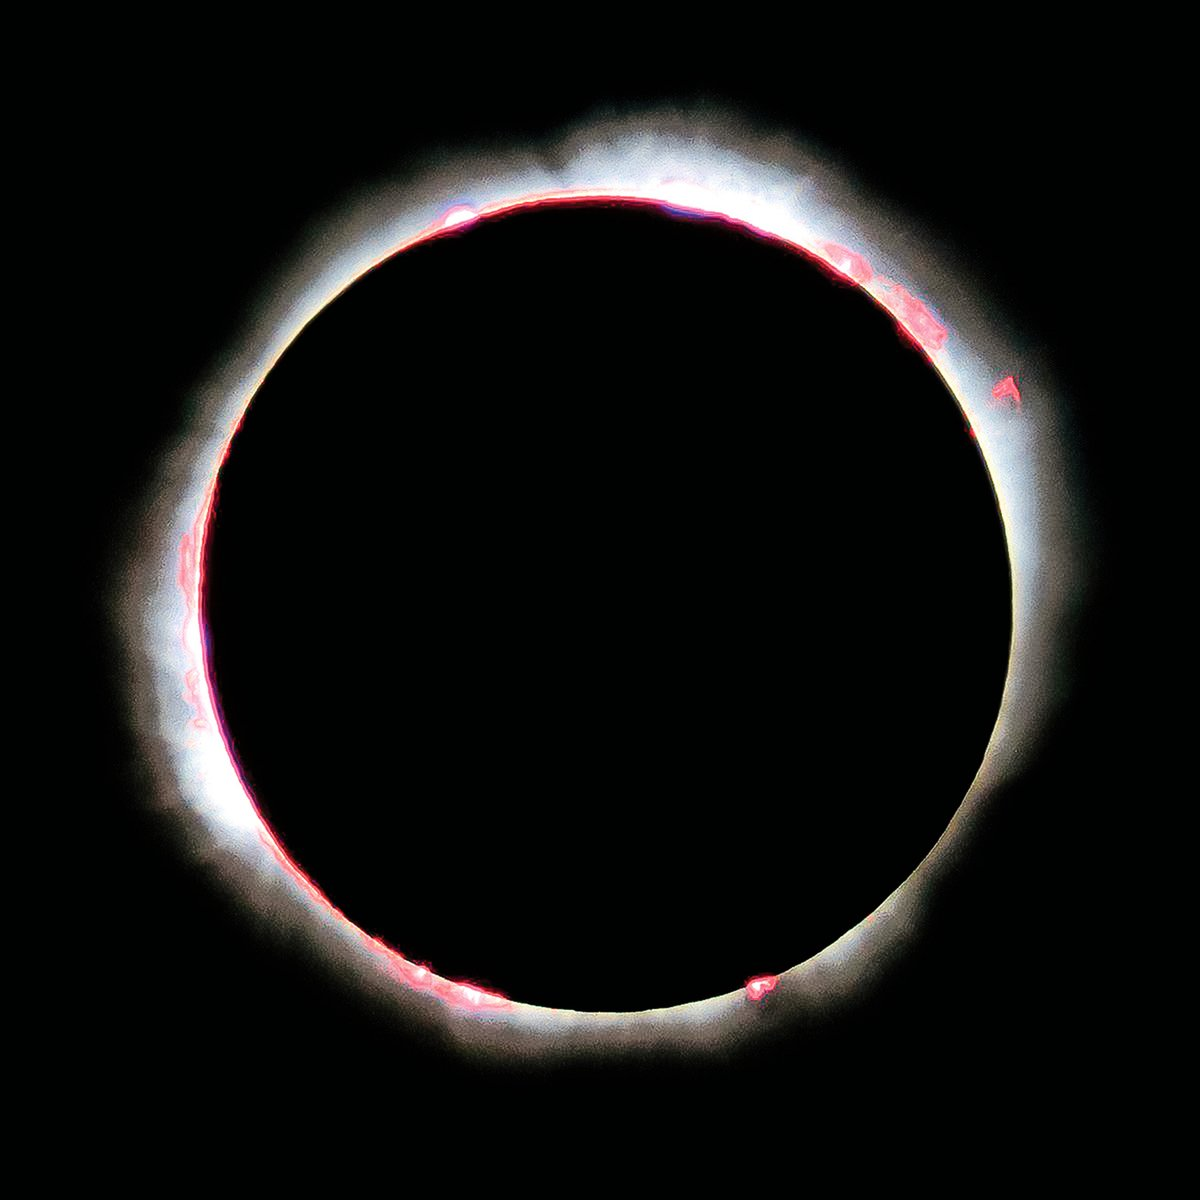 日全食過程中拍到的太陽色球層。由於氫原子發出的紅色和粉色的光因而被稱為色球層。(NASA/ Luc Viatour)